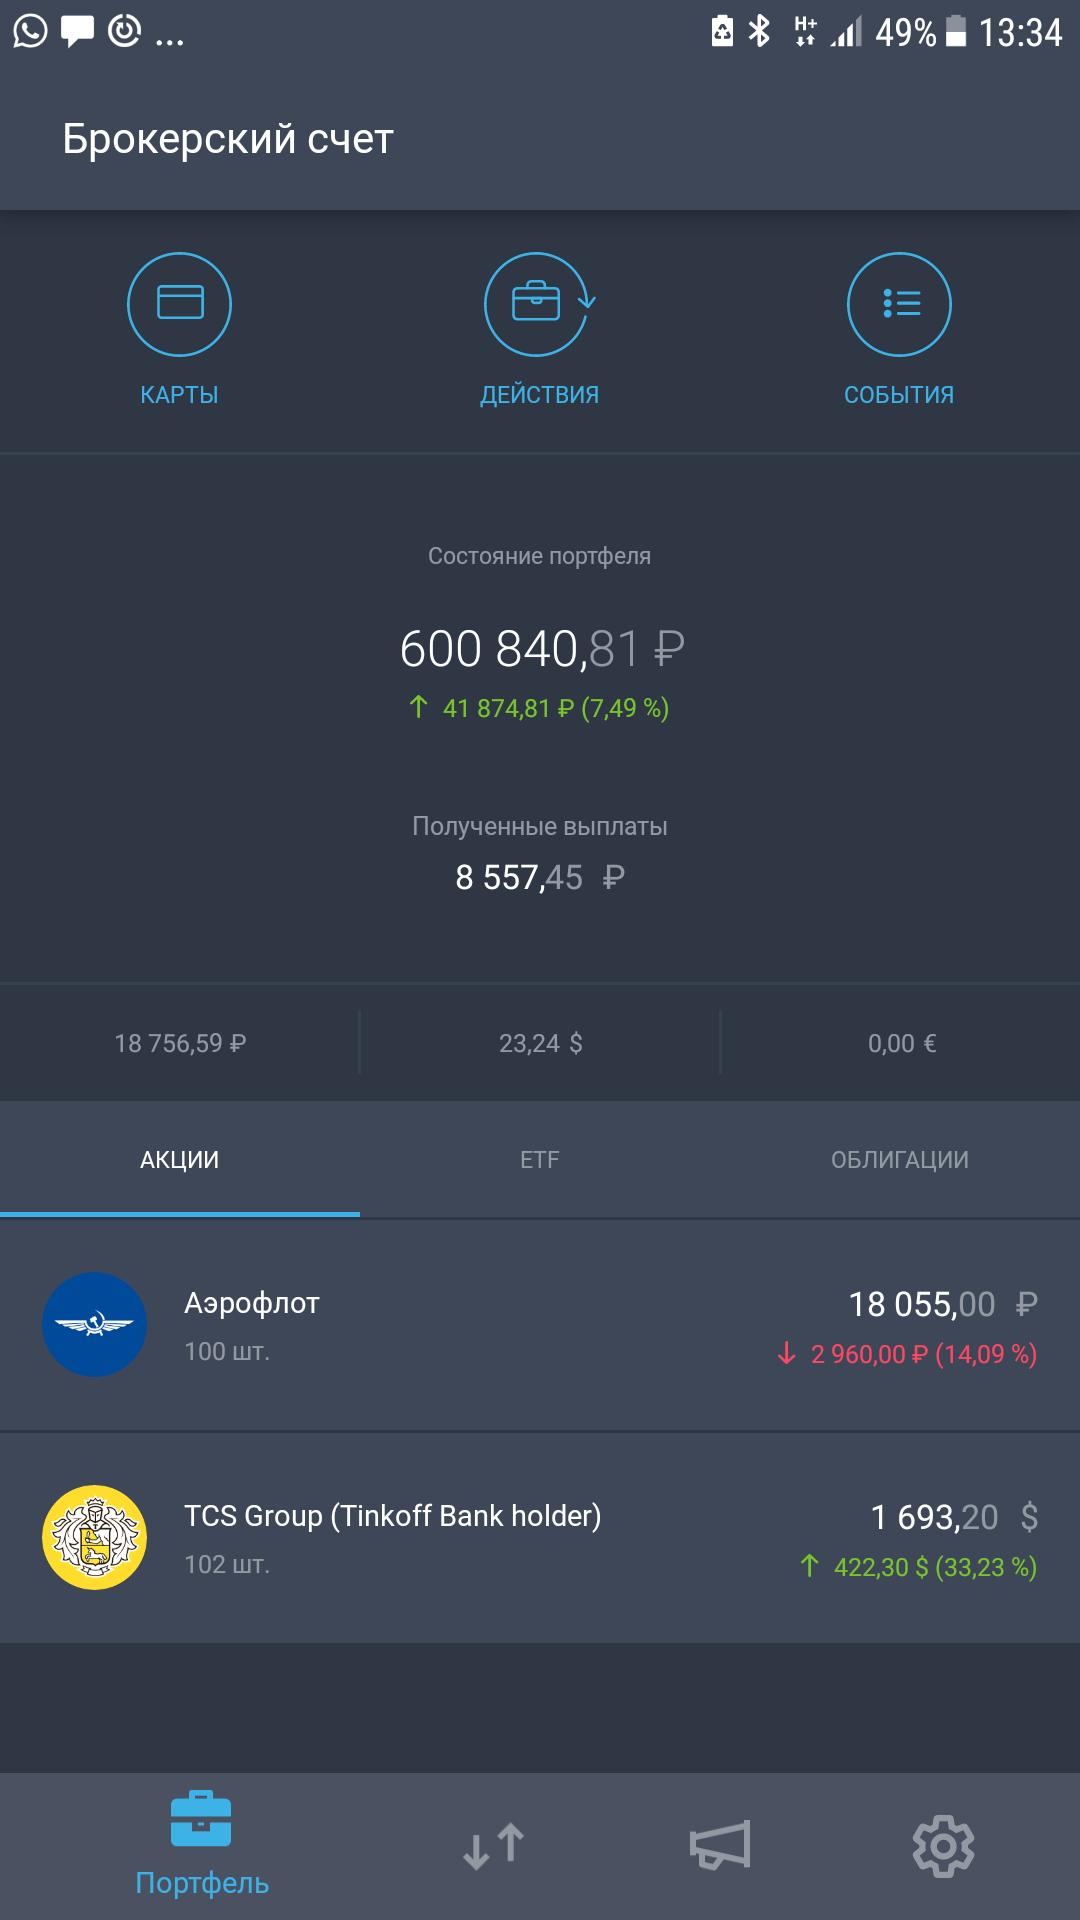 За то время, пока я держал акции Тинькофф-банка и «Аэрофлота», Тинькофф-банк вырос на 33%, «Аэрофлот» упал на 14%